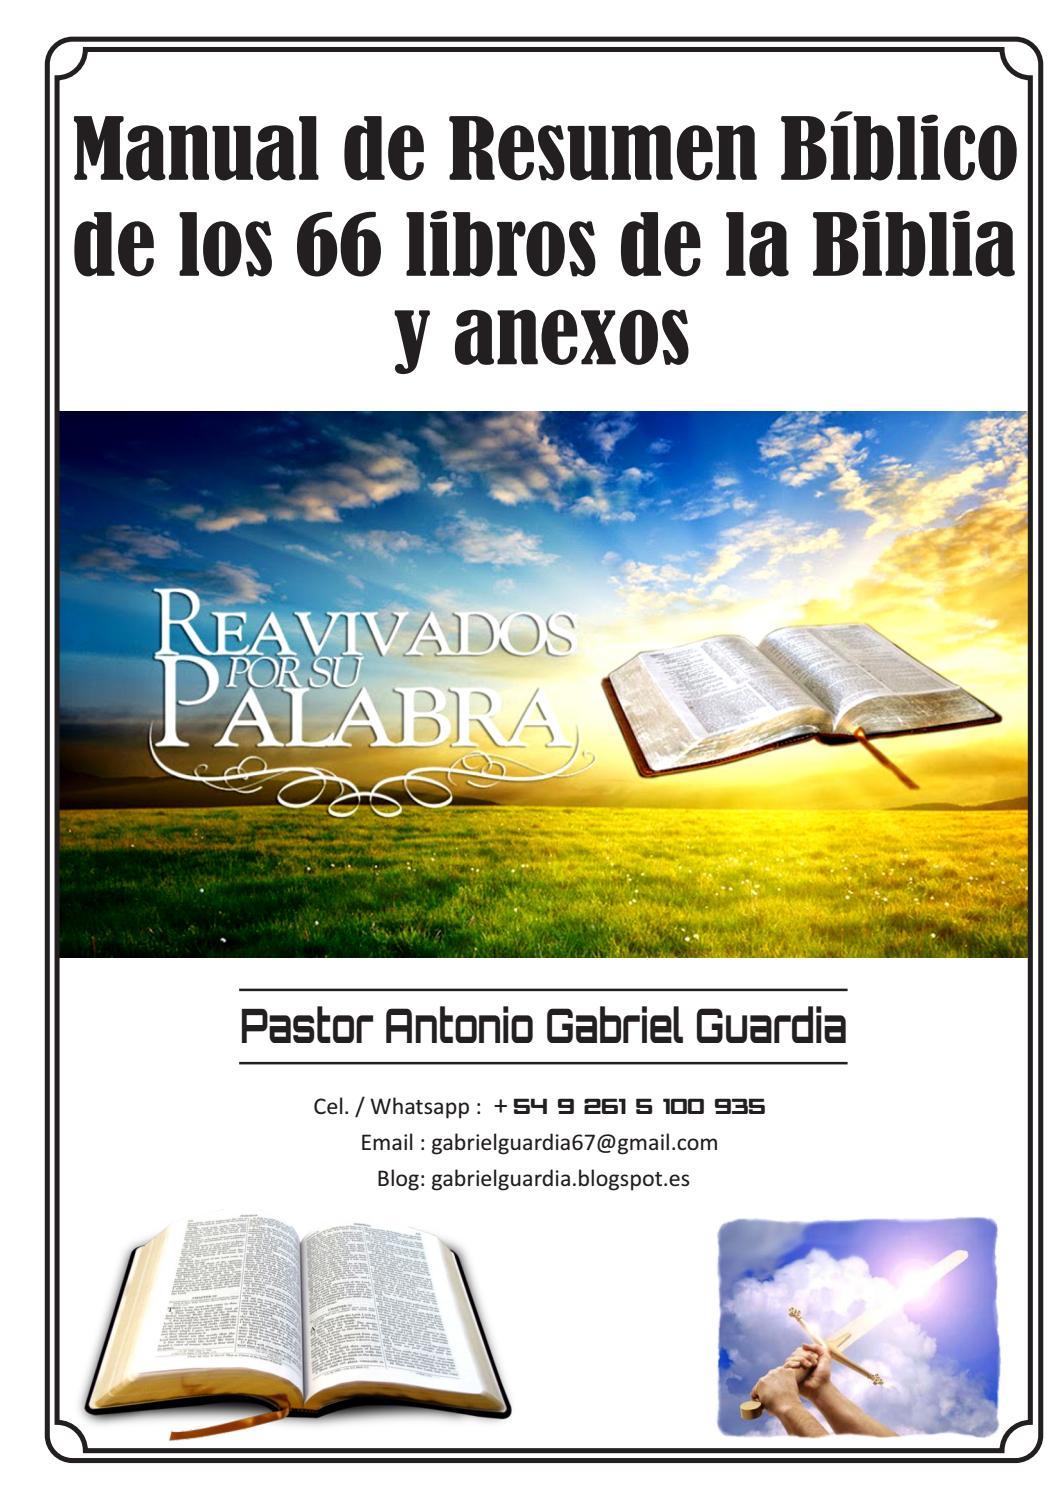 Manual de Resumen Bíblico de los 66 libros de la Biblia by